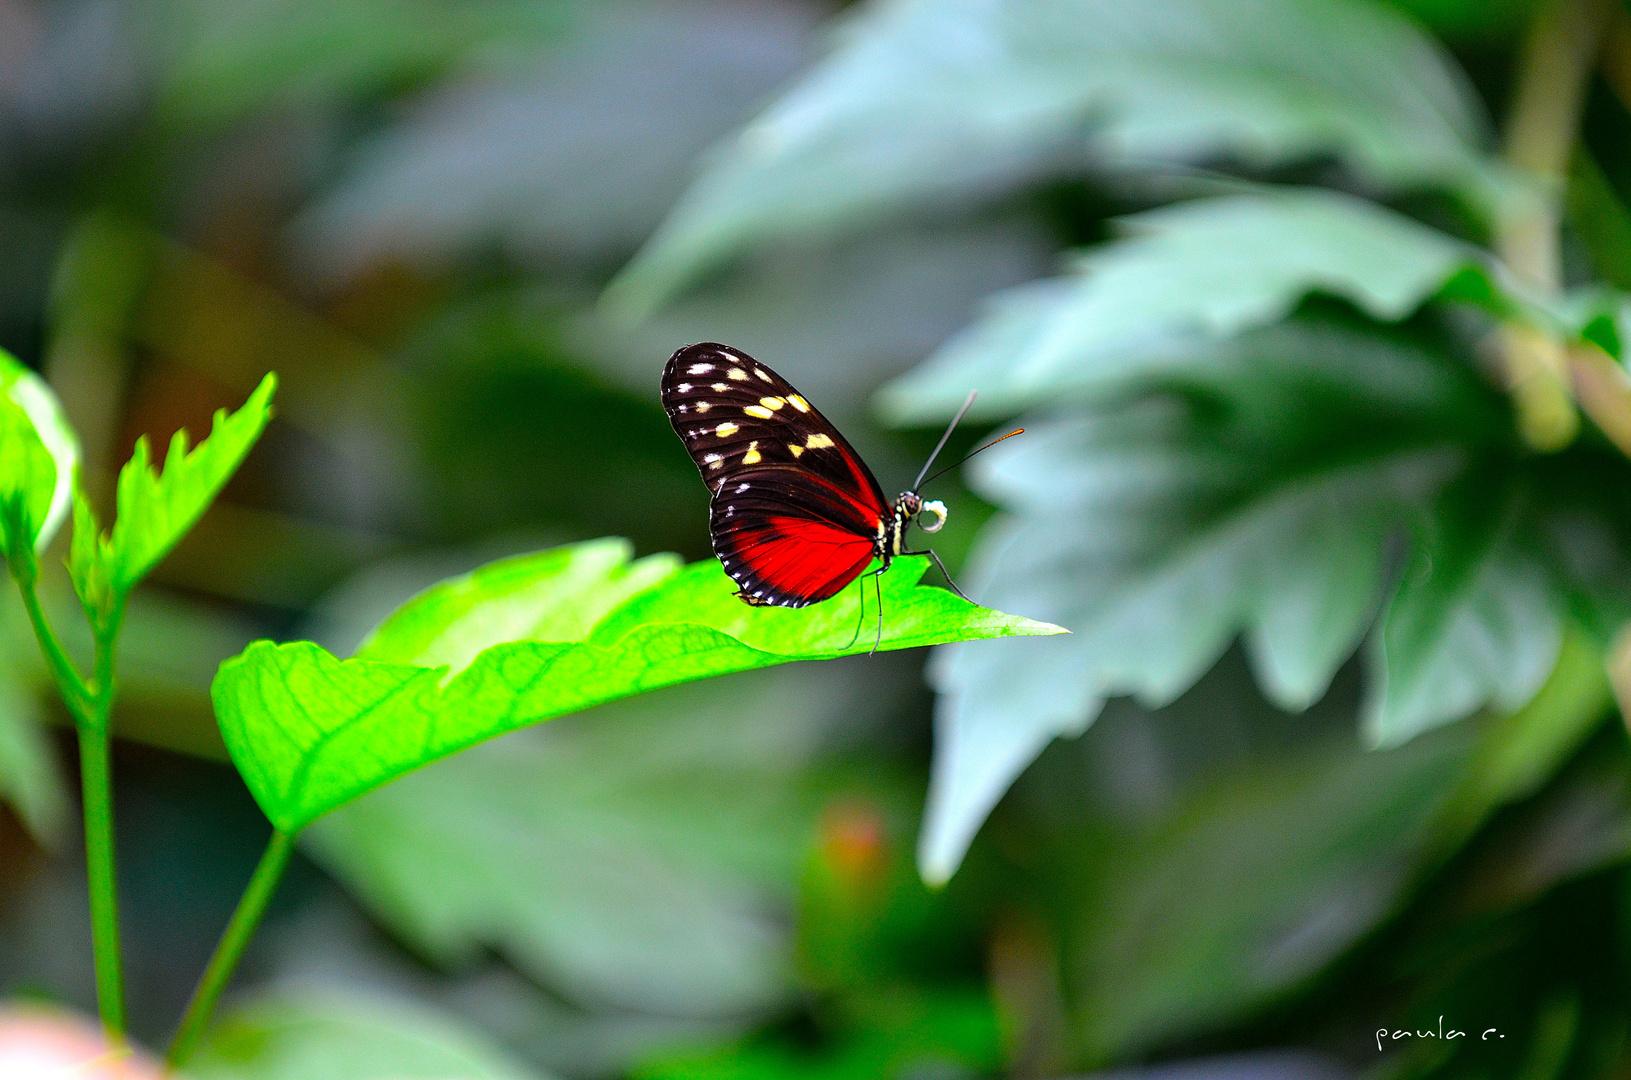 ...y mas color, mas belleza